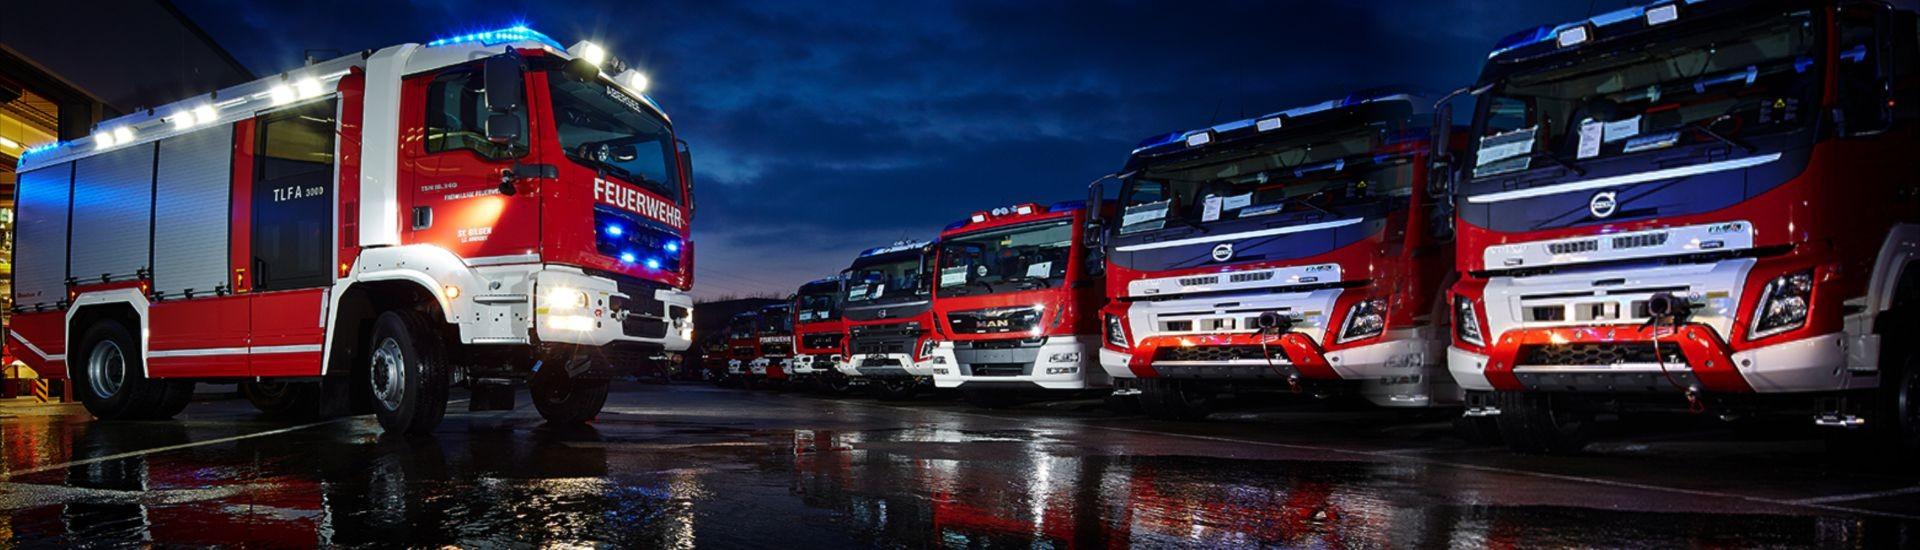 Pajisje profesionale për zjarrfikës